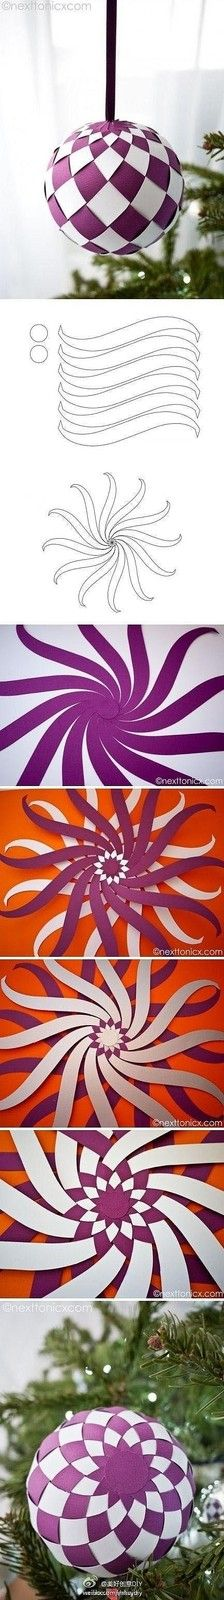 手工DIY 剪纸 艺术设计 原理和之前那个包装纸有点像呢【阿画】